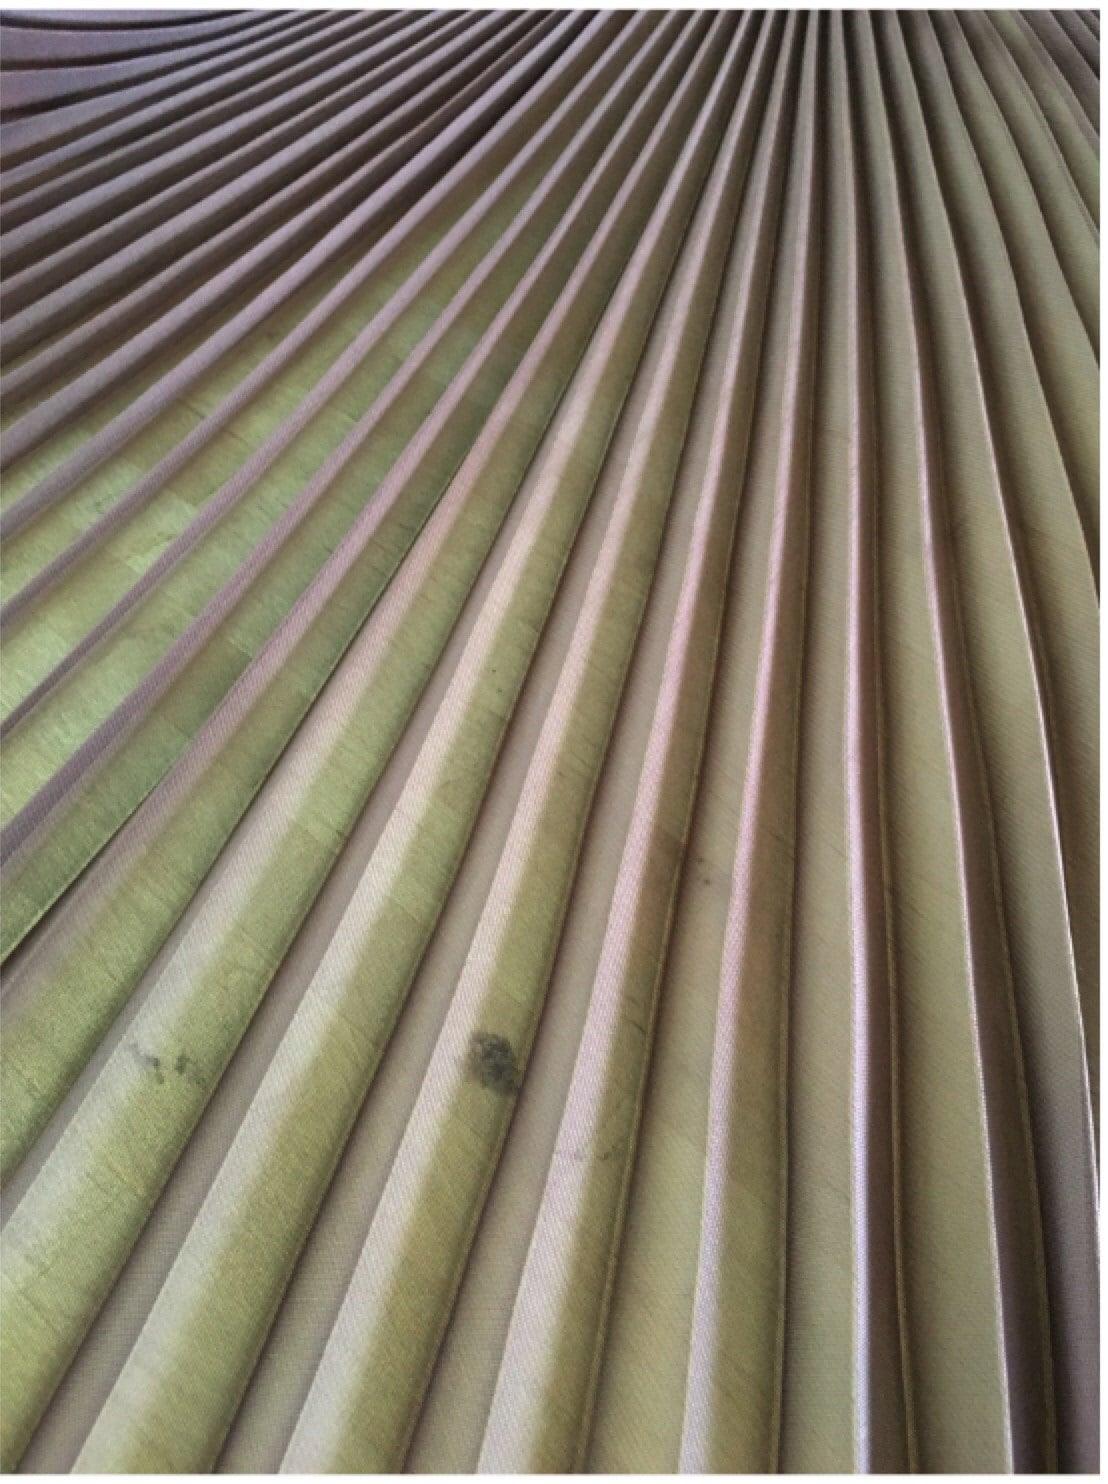 Plissee-Chiffon-Panel in Farbe braun, einfarbig chiffon Tuch ...